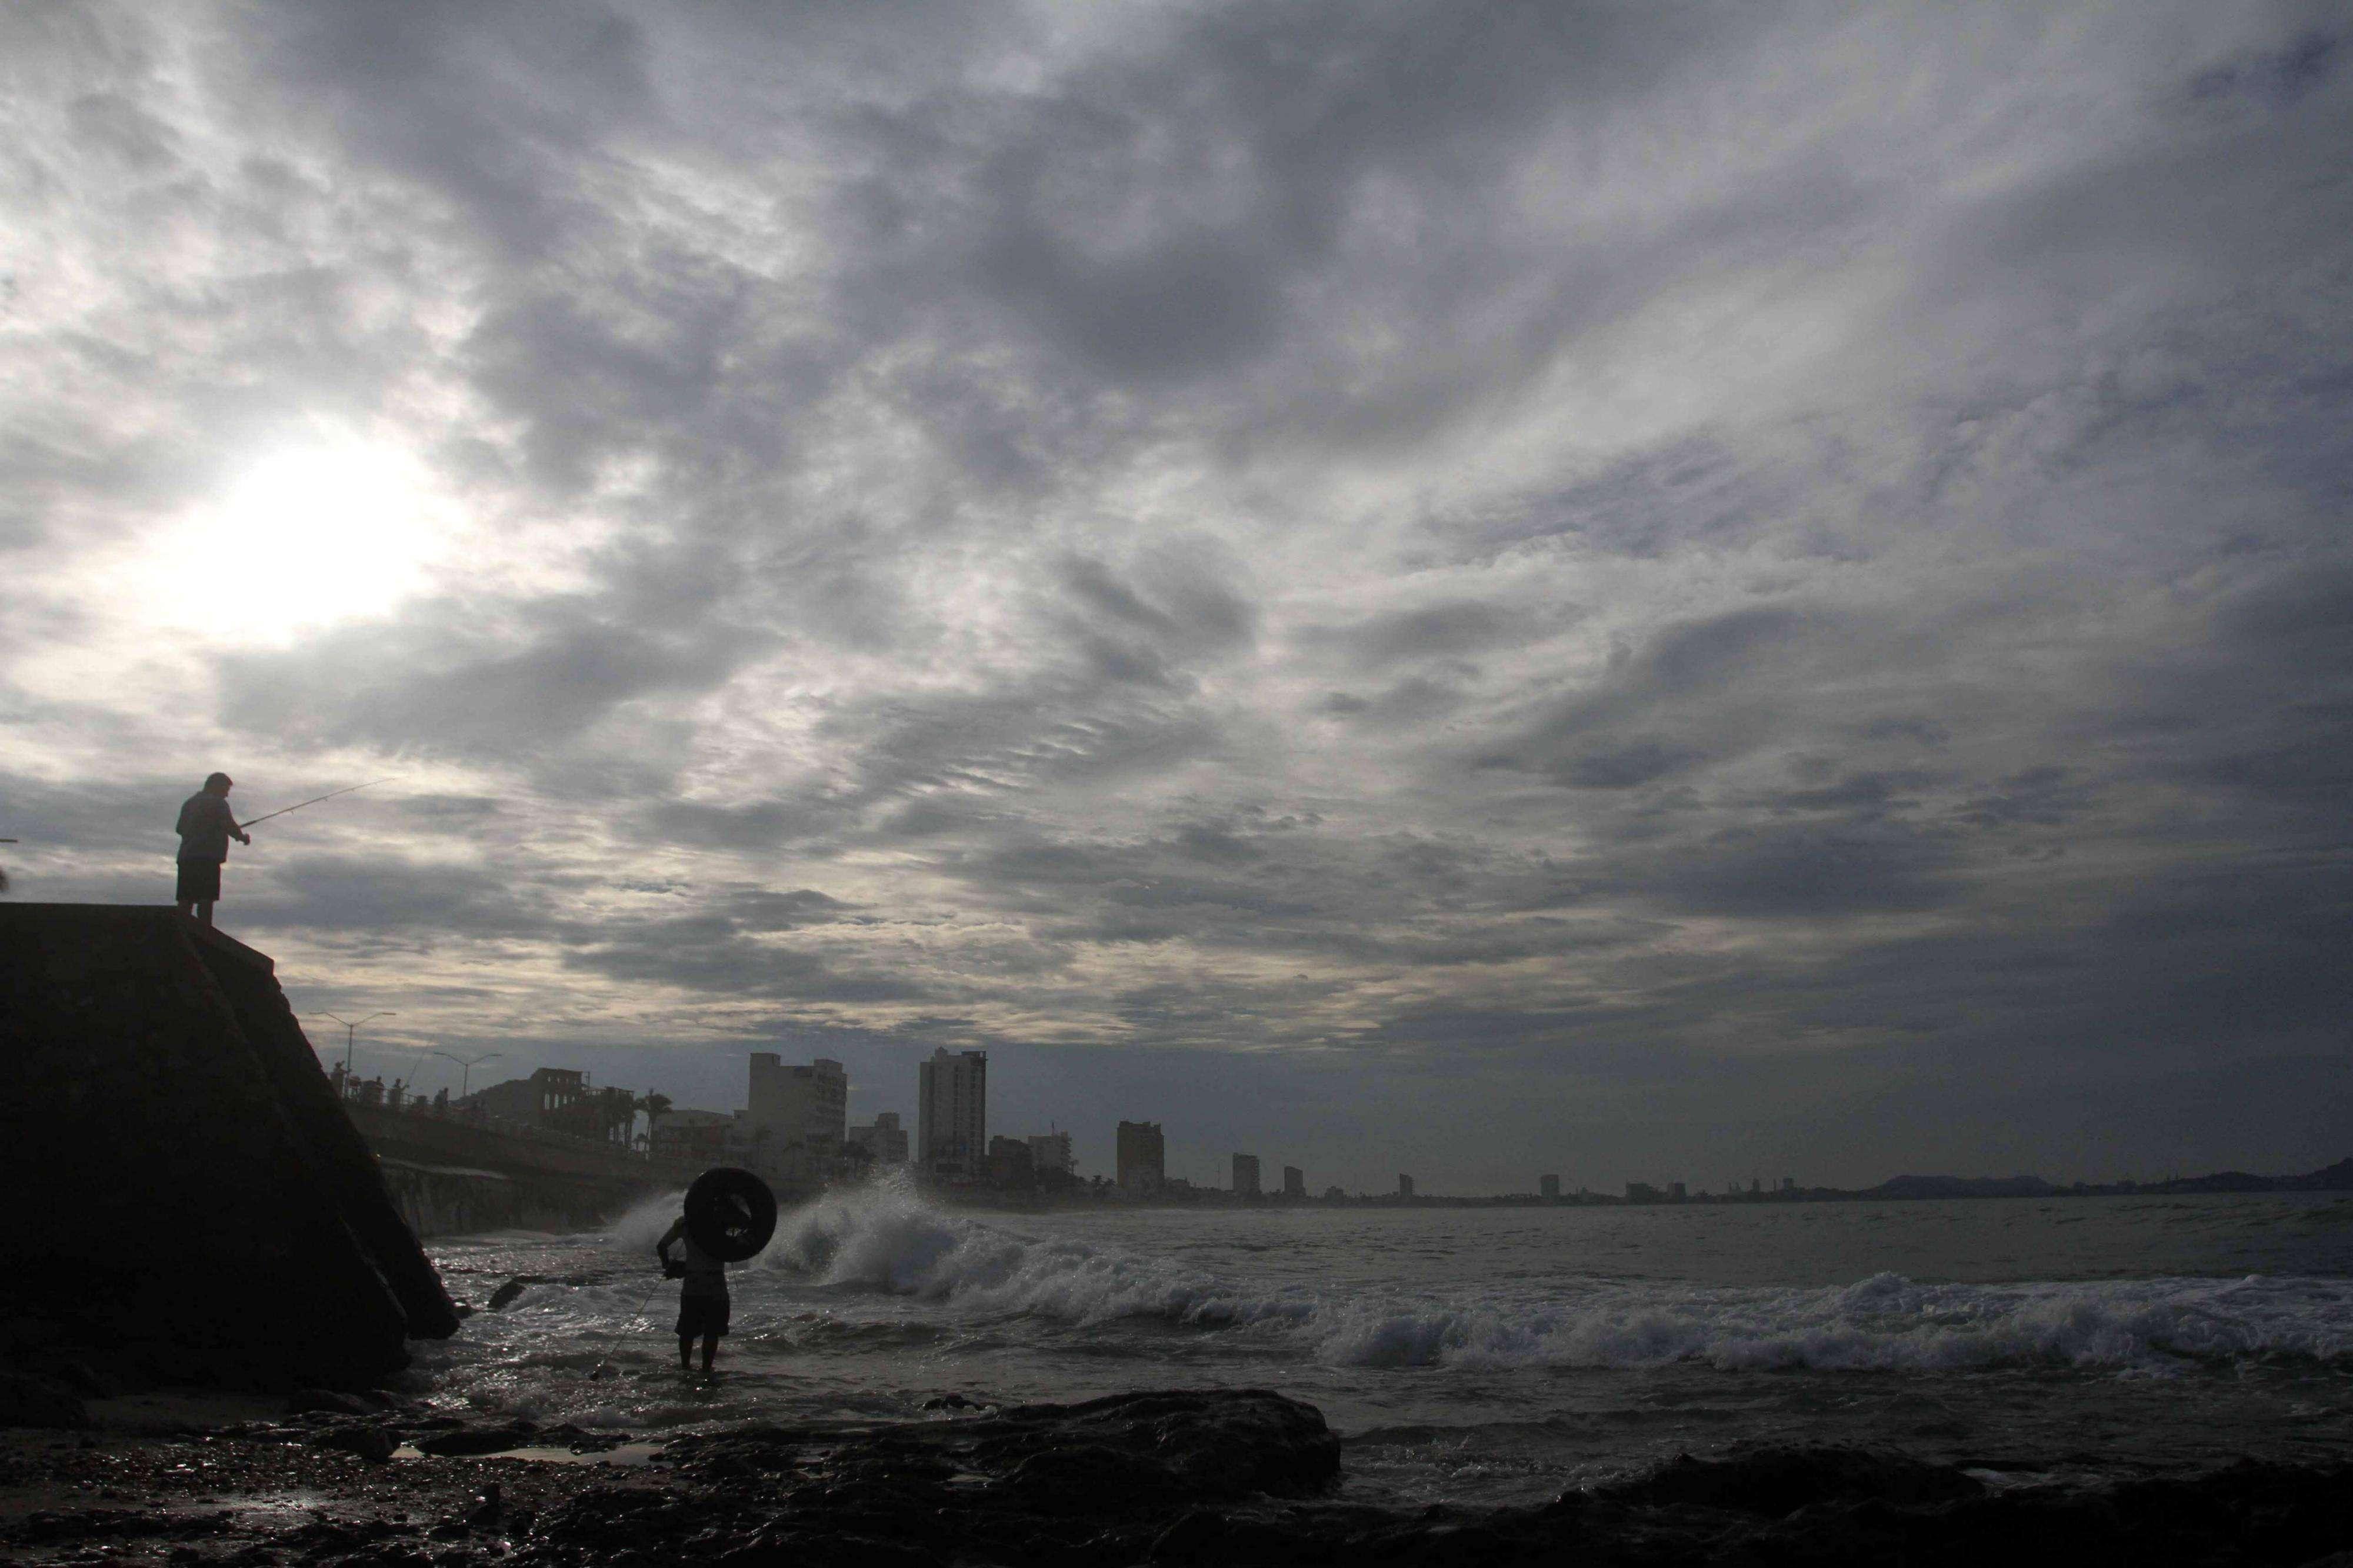 Existe alerta máxima la península de Baja California debido al paso del huracán Odile, que esta madrugada alcanzó la categoría IV en la escala Saffir-Simpson Foto: EFE